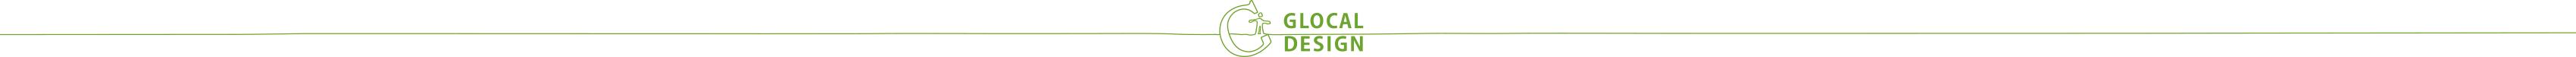 株式会社グローカルデザイン